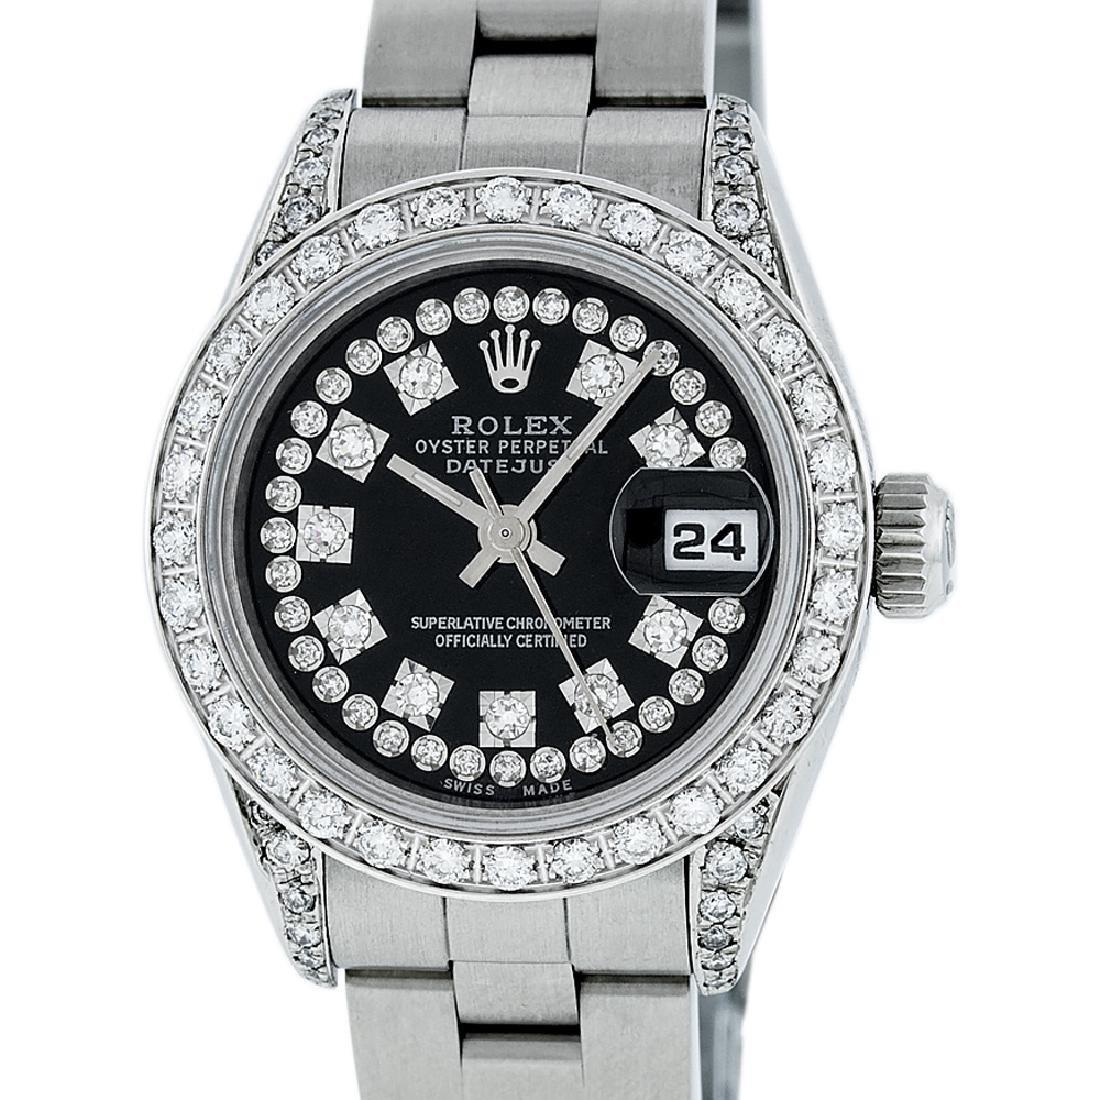 Rolex Ladies Datejust Watch SS & 18K White Gold Black